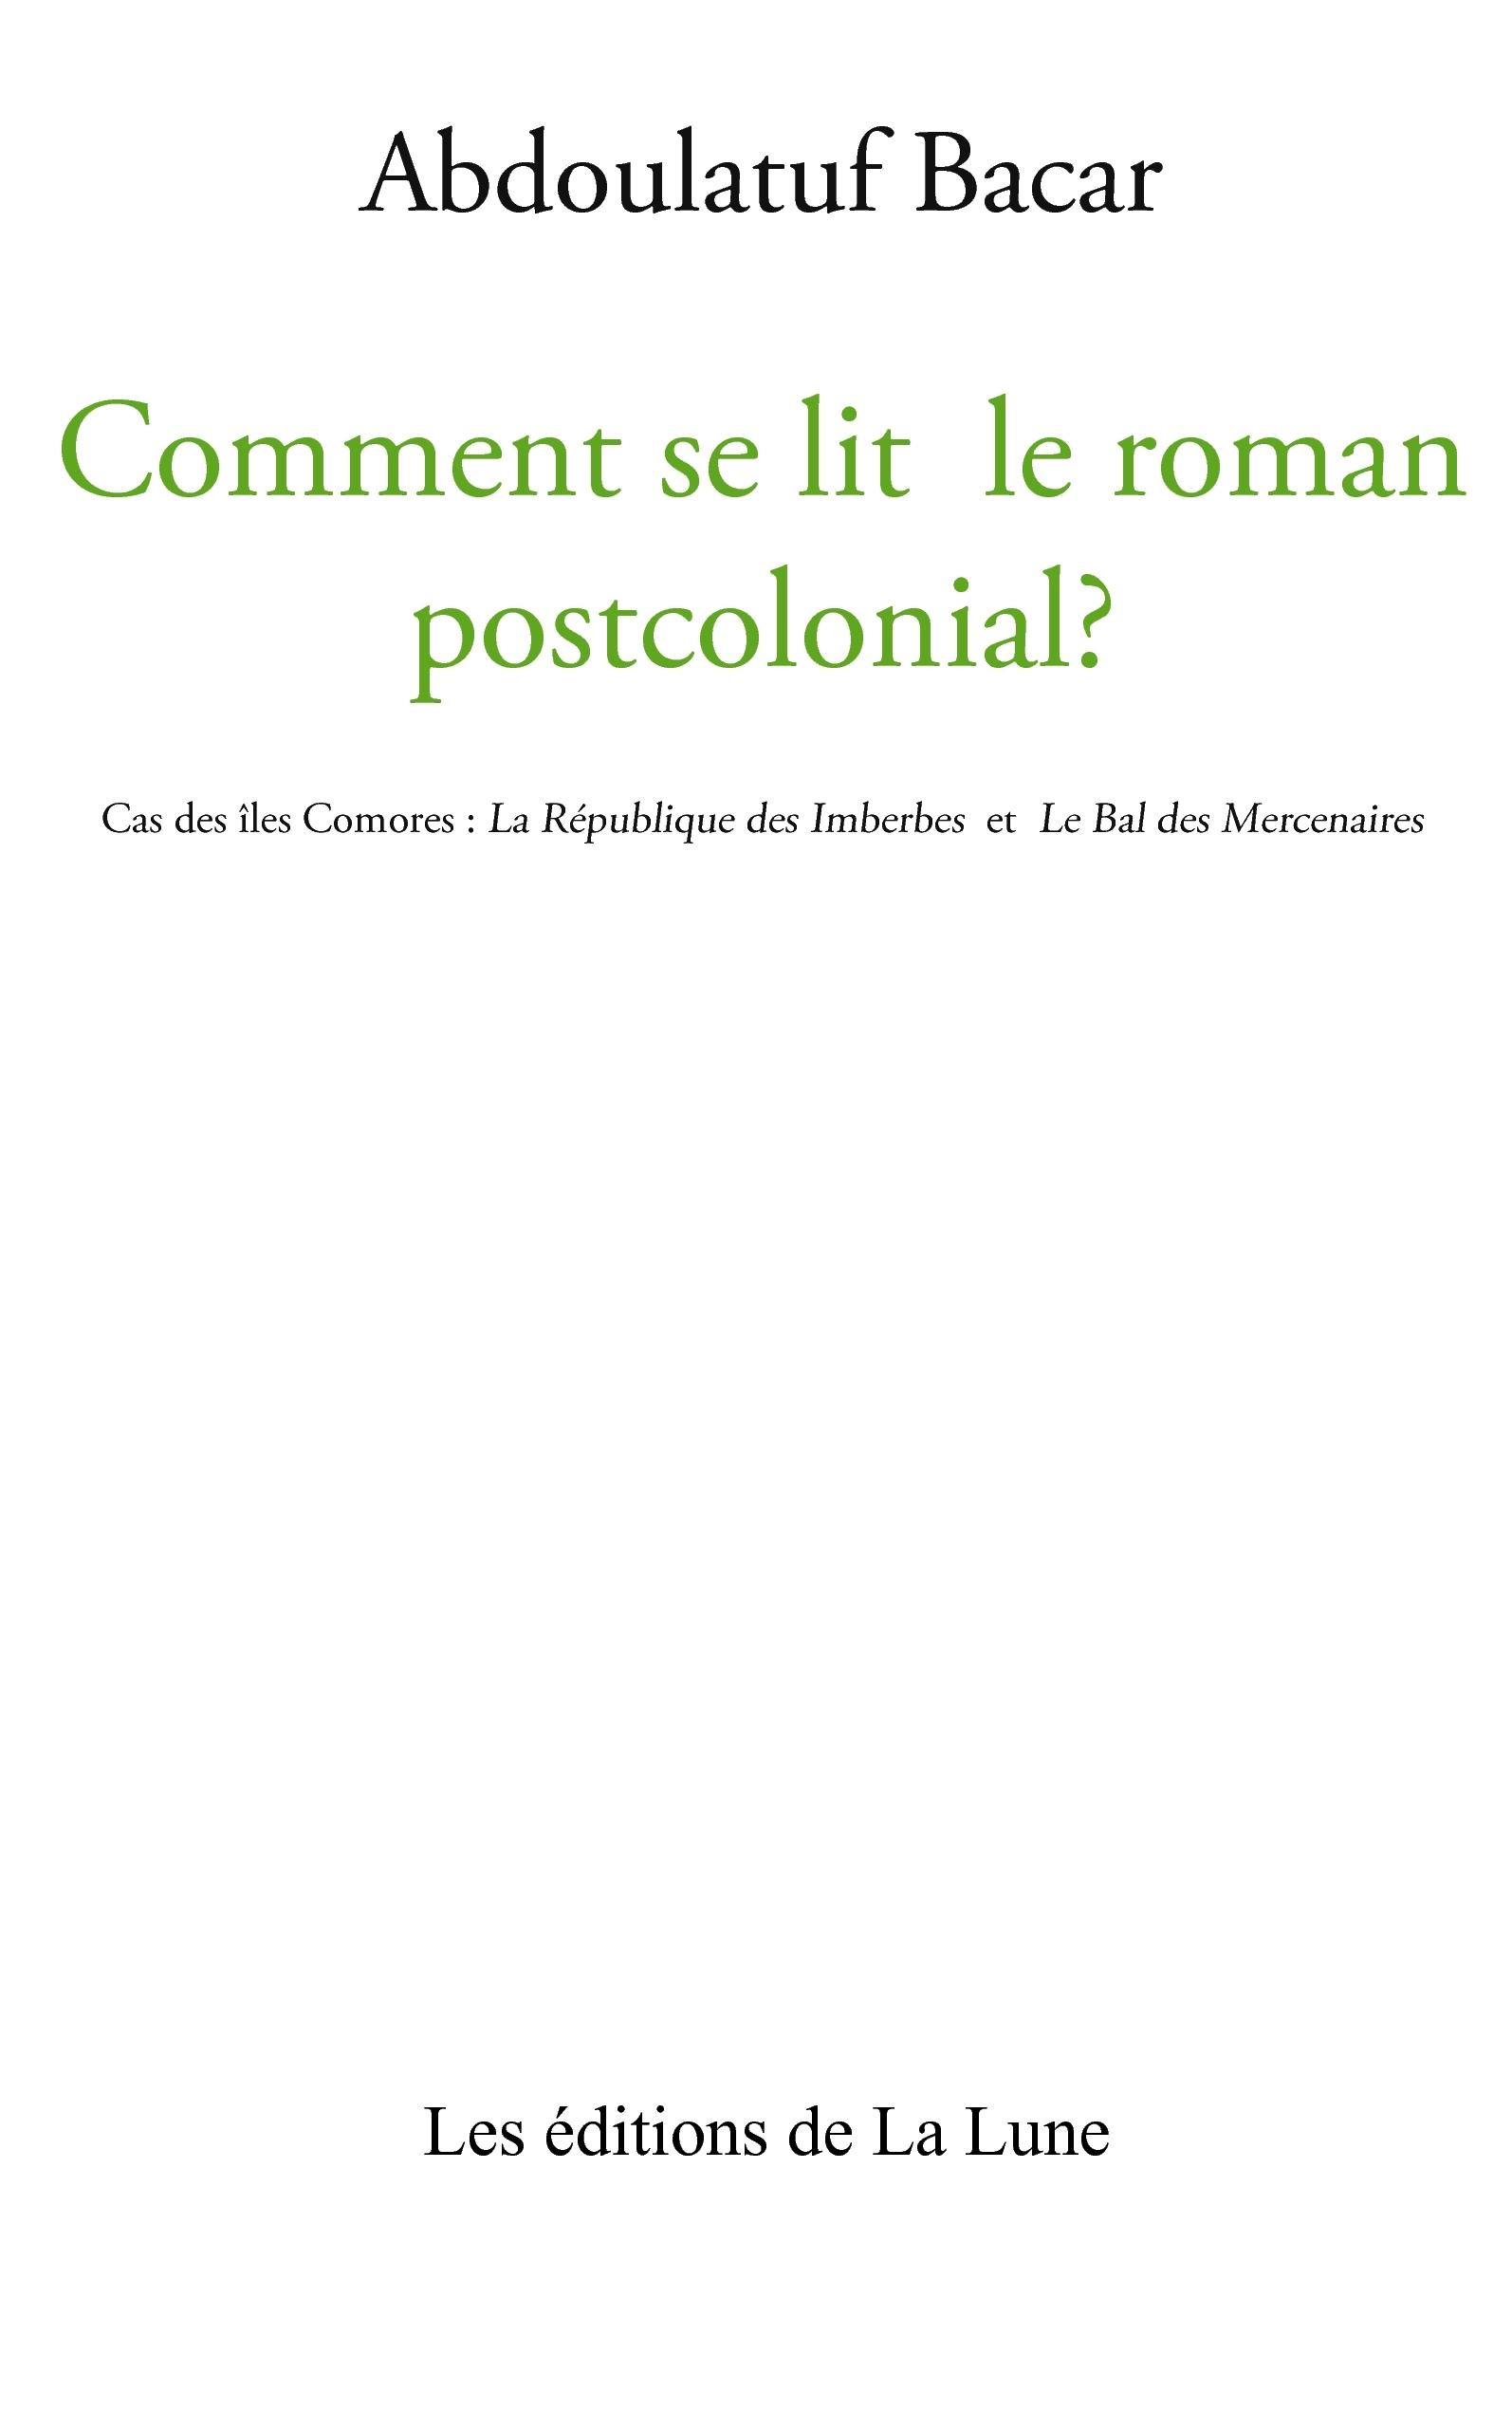 COMMENT SE LIT LE ROMAN POSTCOLONIAL ? CAS DES ILES COMORES